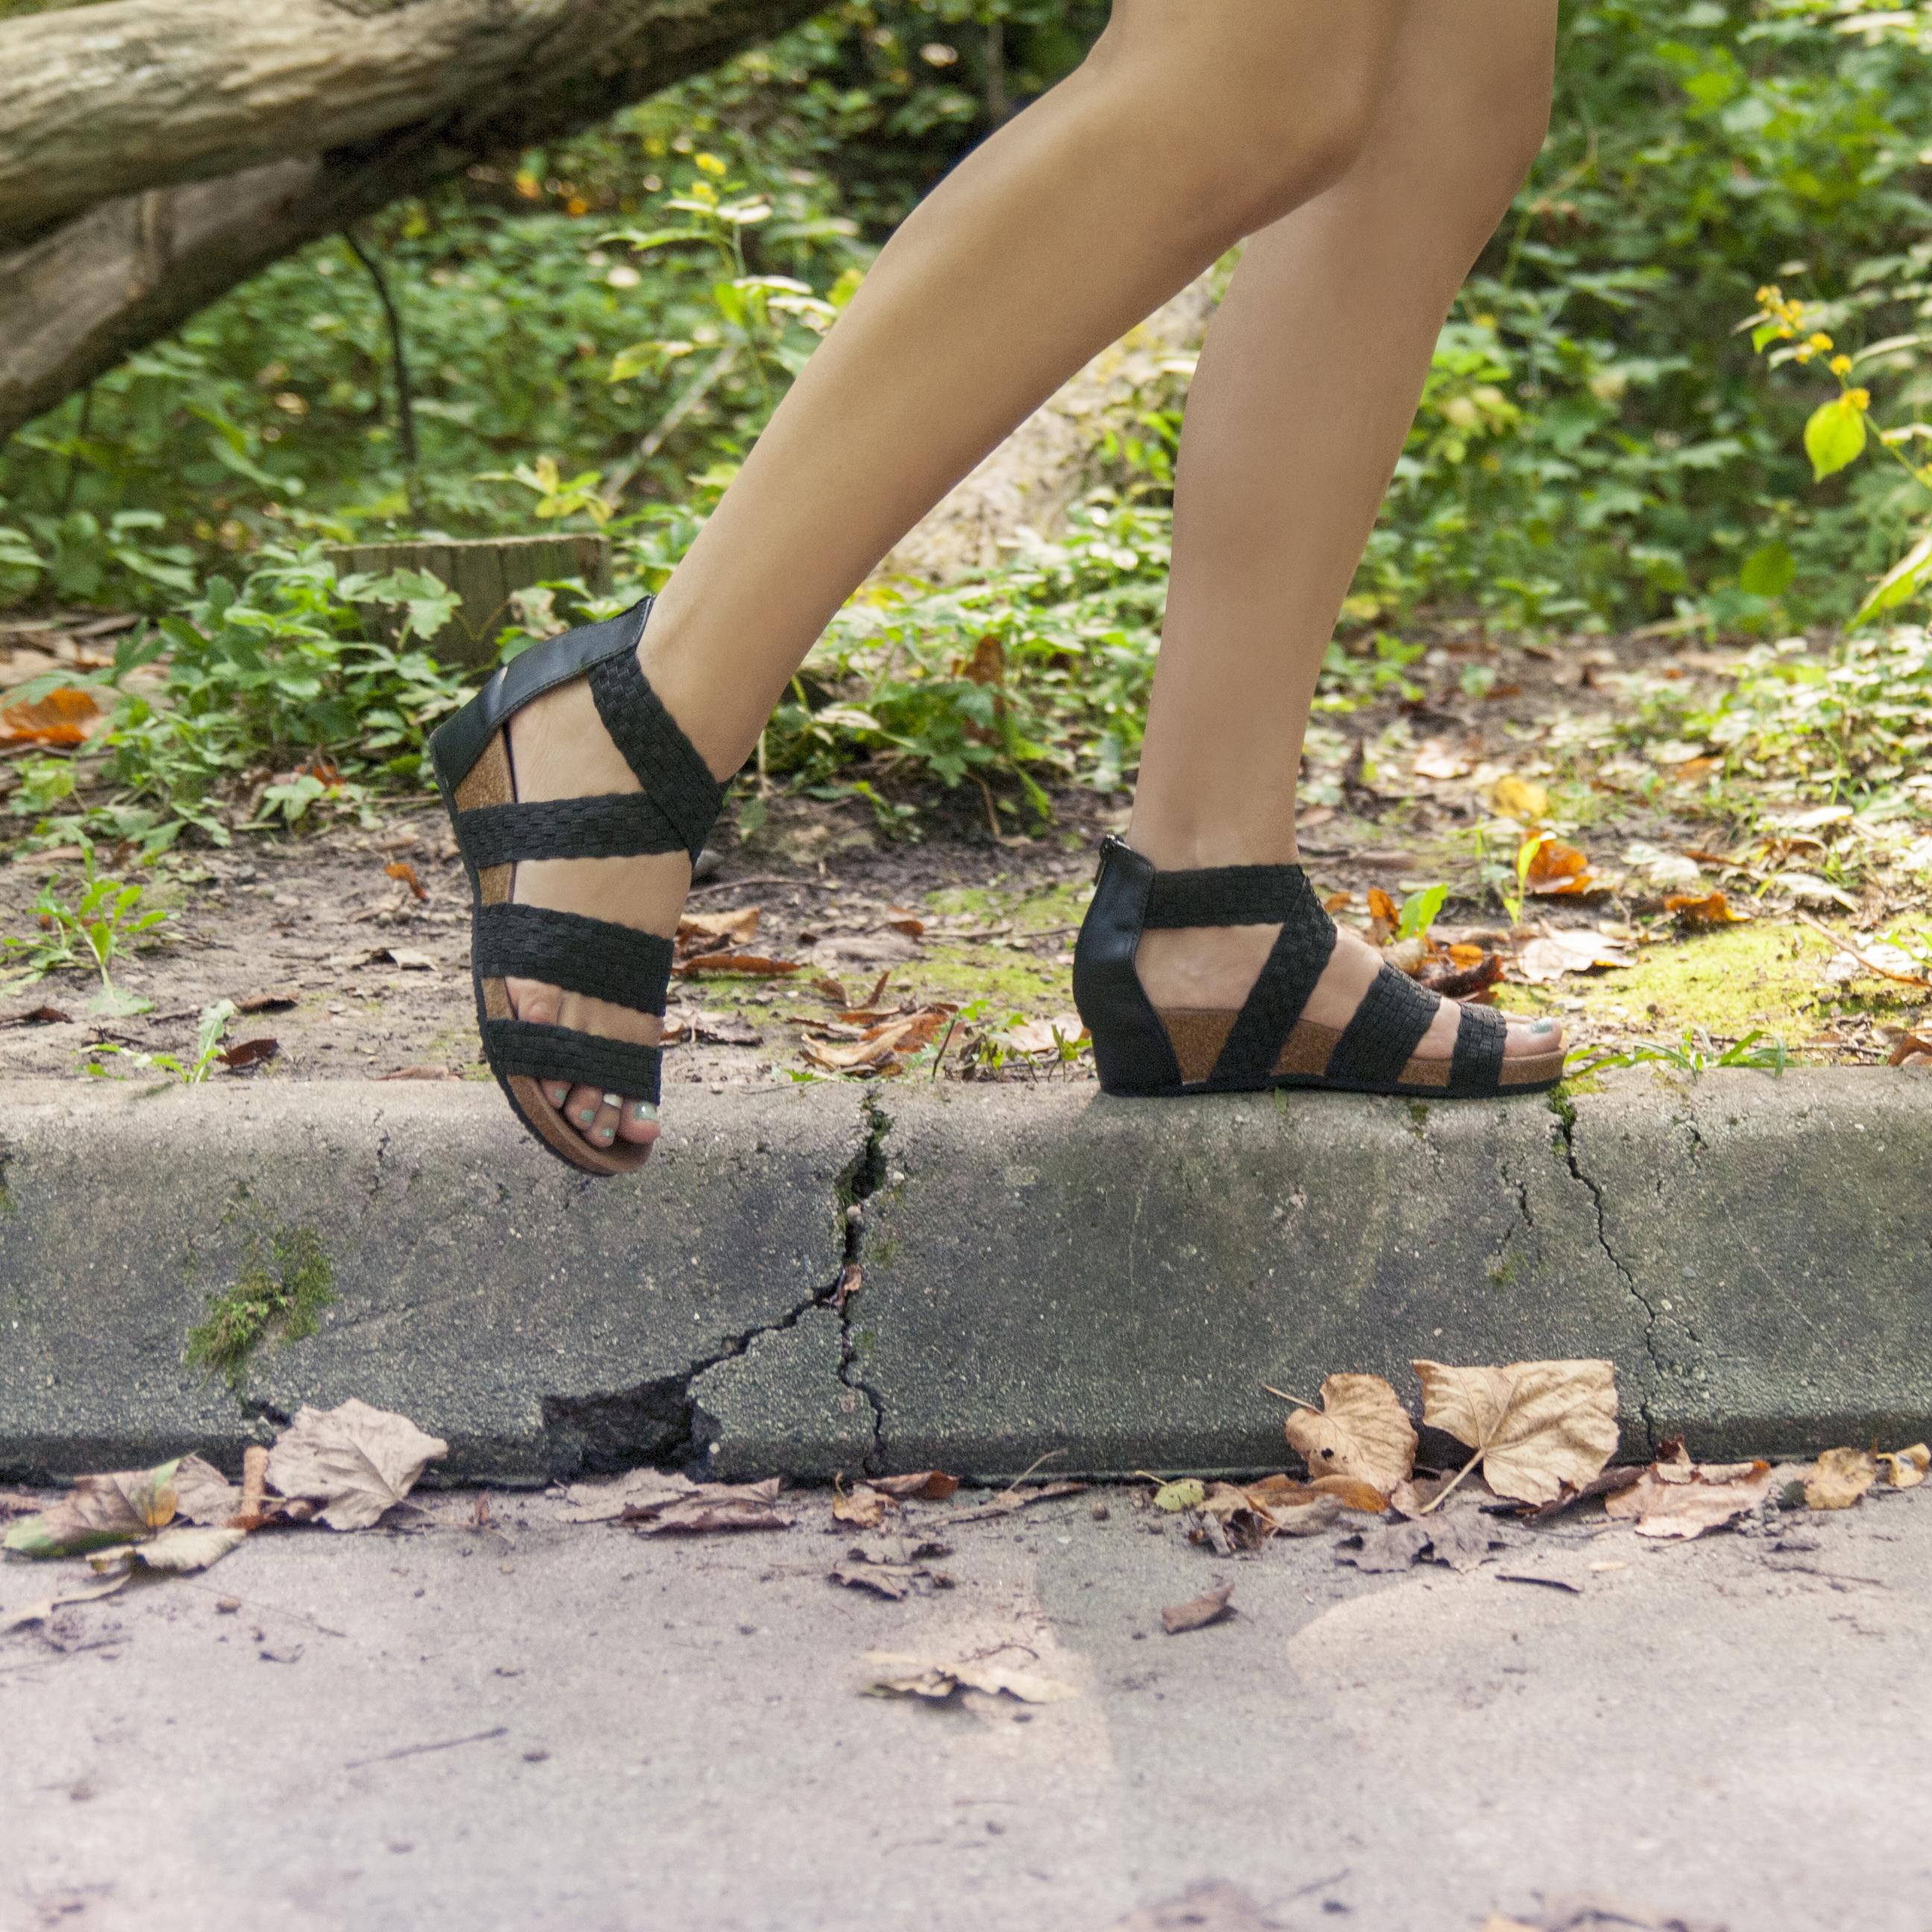 a7e61729dfa4 Muk Luks Women s Elle Wedge Sandals - BelleChic